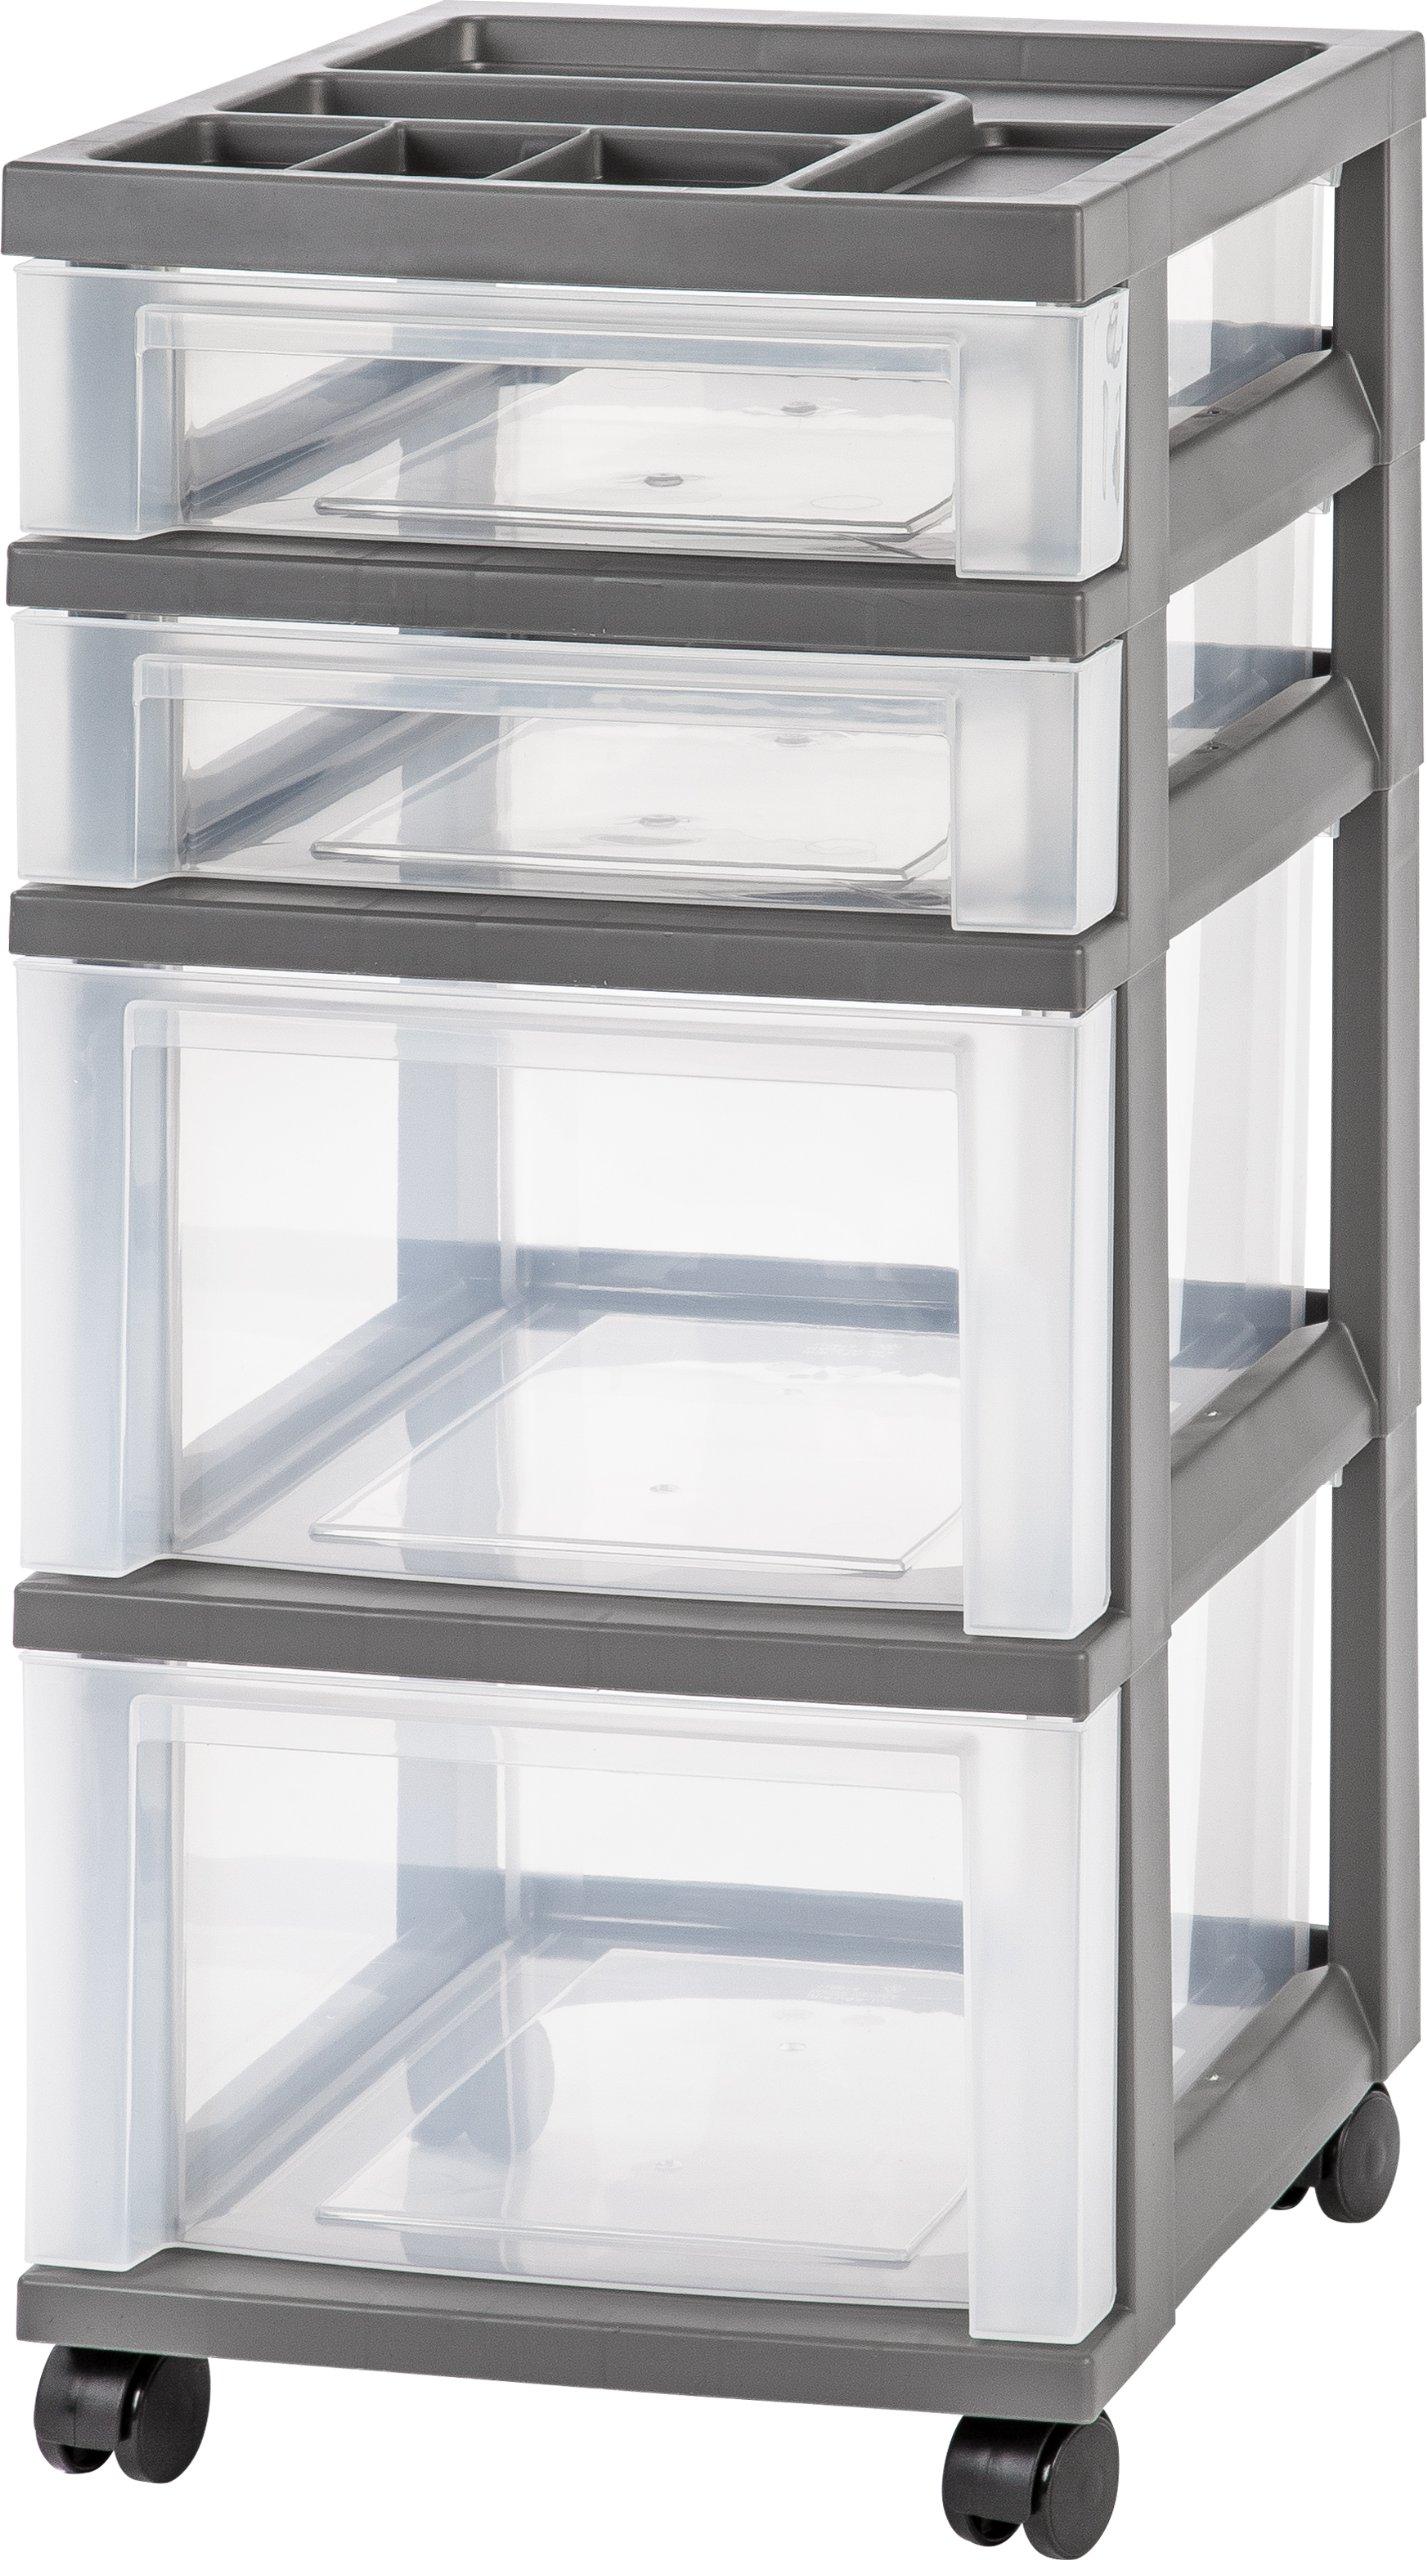 IRIS 4 Drawer Rolling Storage Organizer